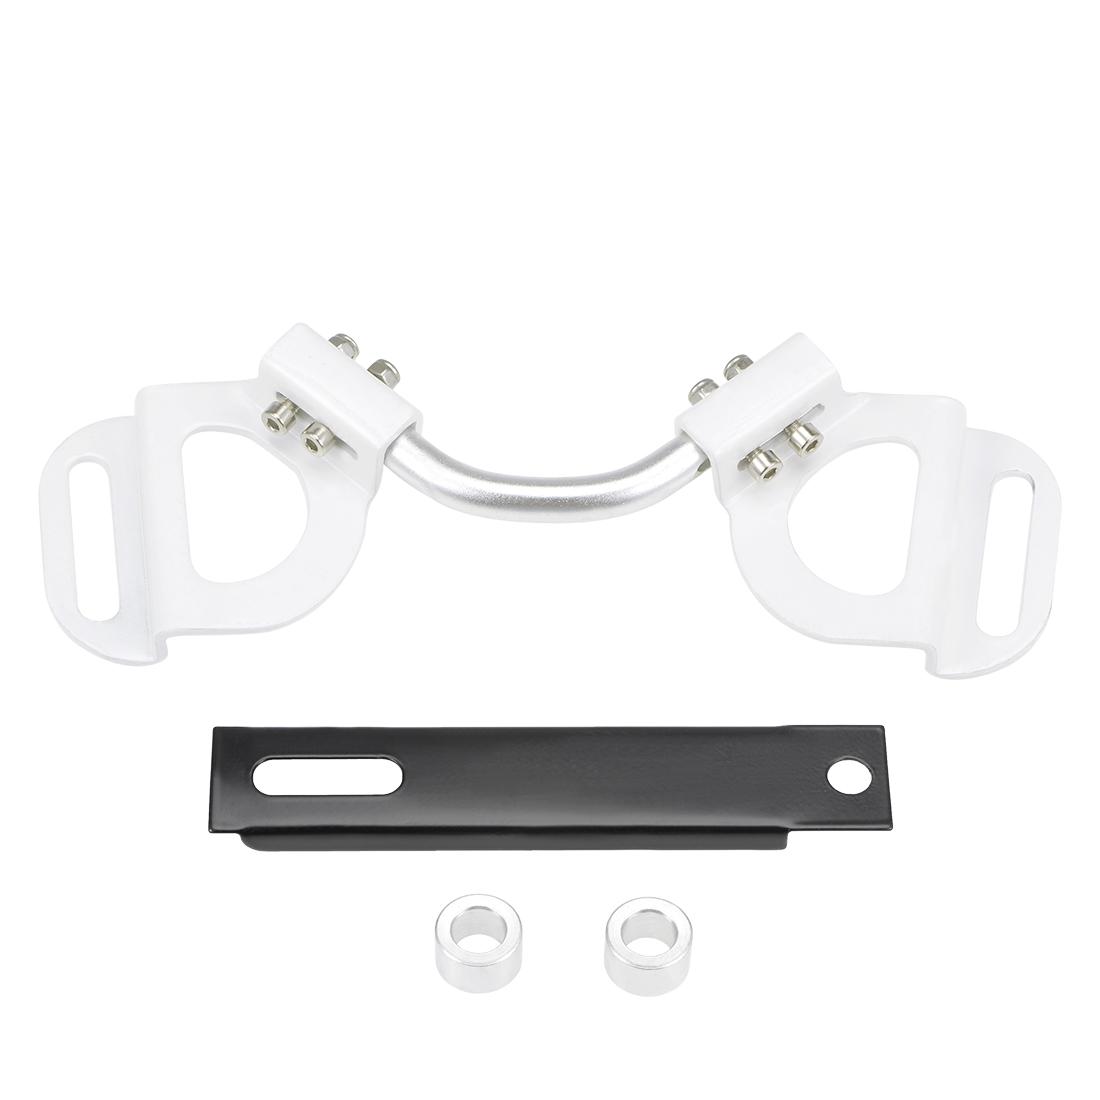 Car Battery Hold Down Bracket Aluminum Adjustable Holder, White